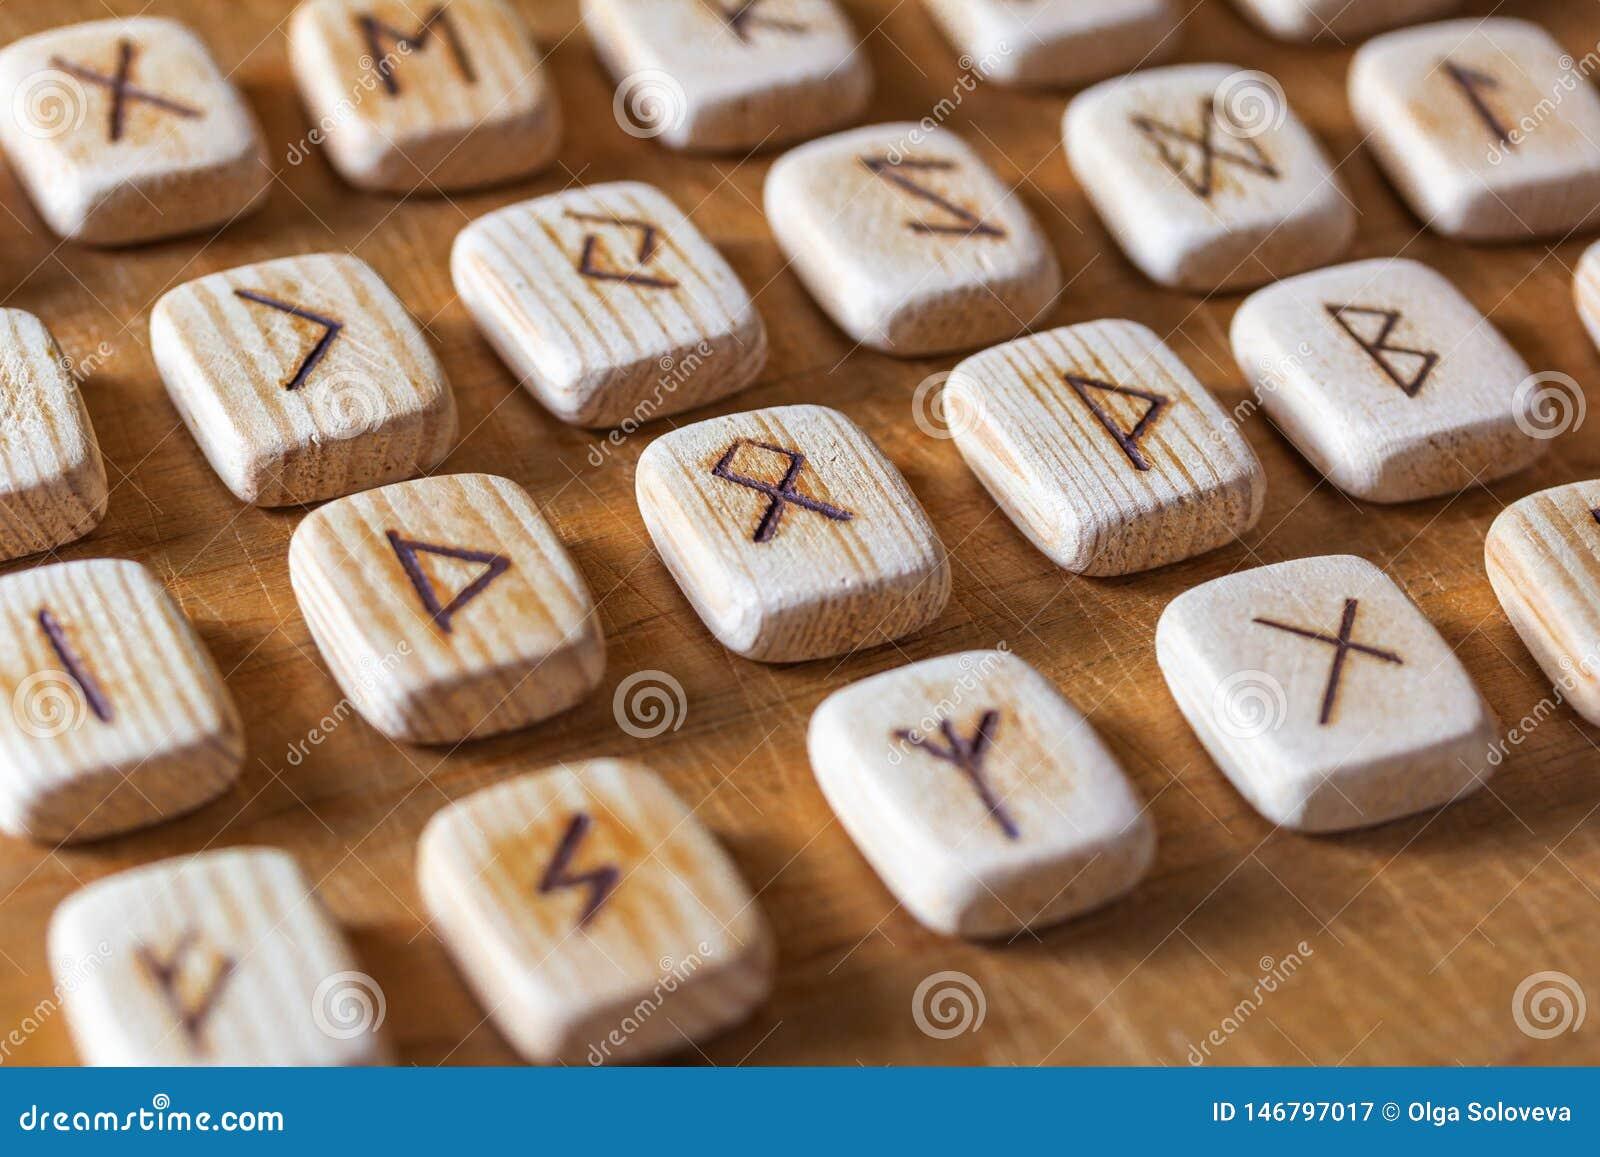 Sas?w drewniani handmade runes na rocznika stole Na each rune symbolu dla pomy?lno?ci m?wi? wyznaczaj?